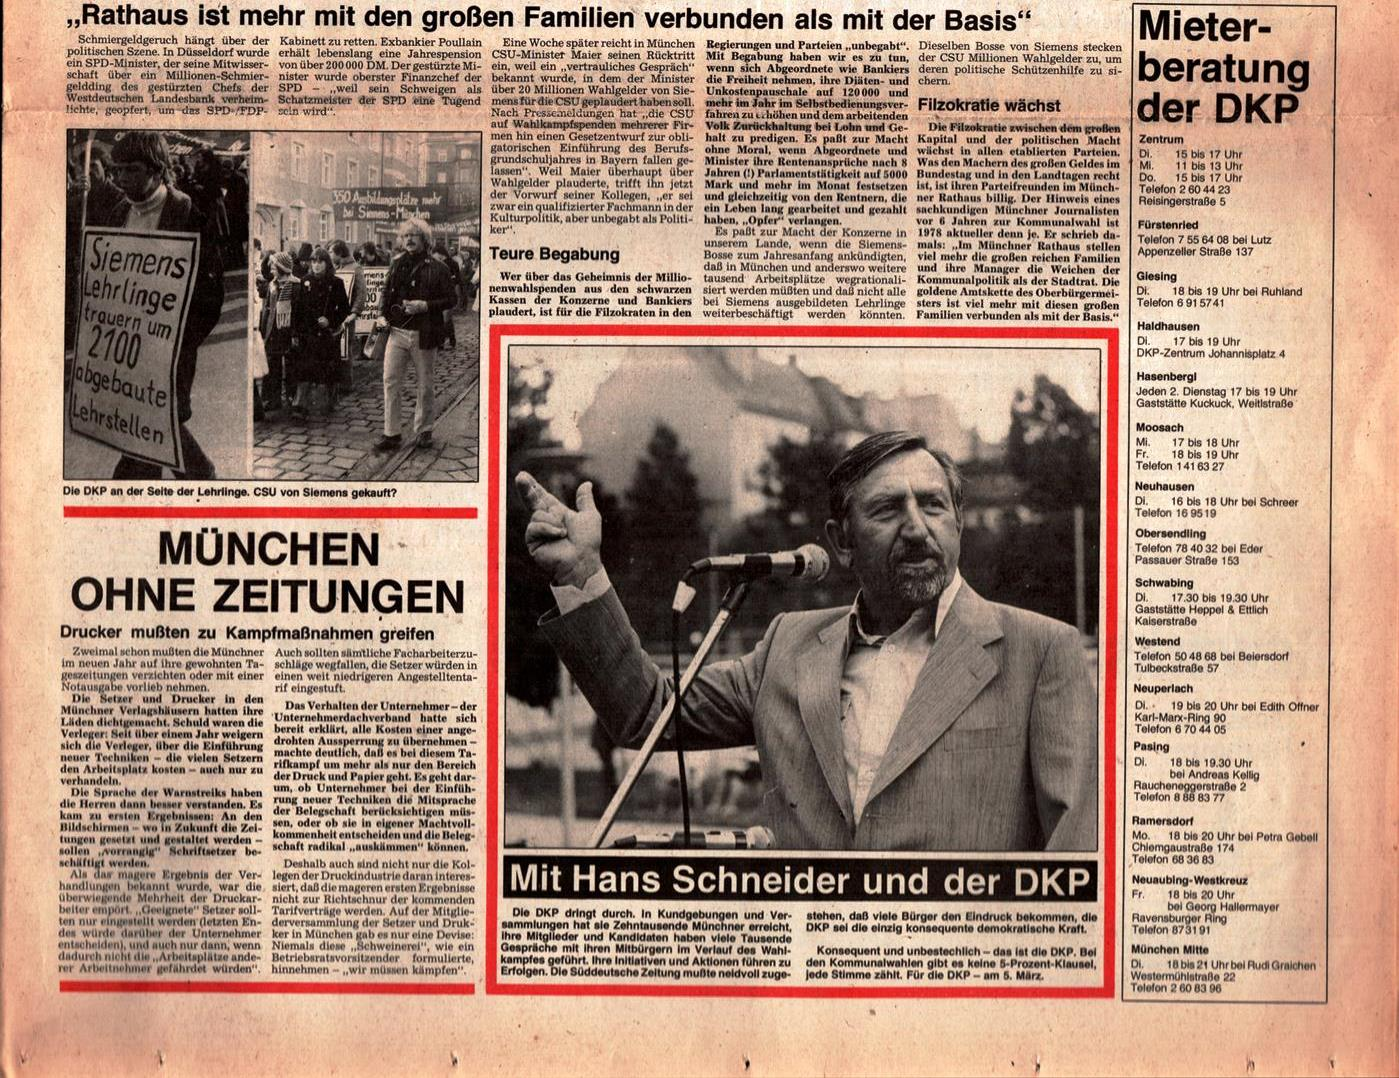 Muenchen_DKP_Neues_Muenchen_19780200_002_002